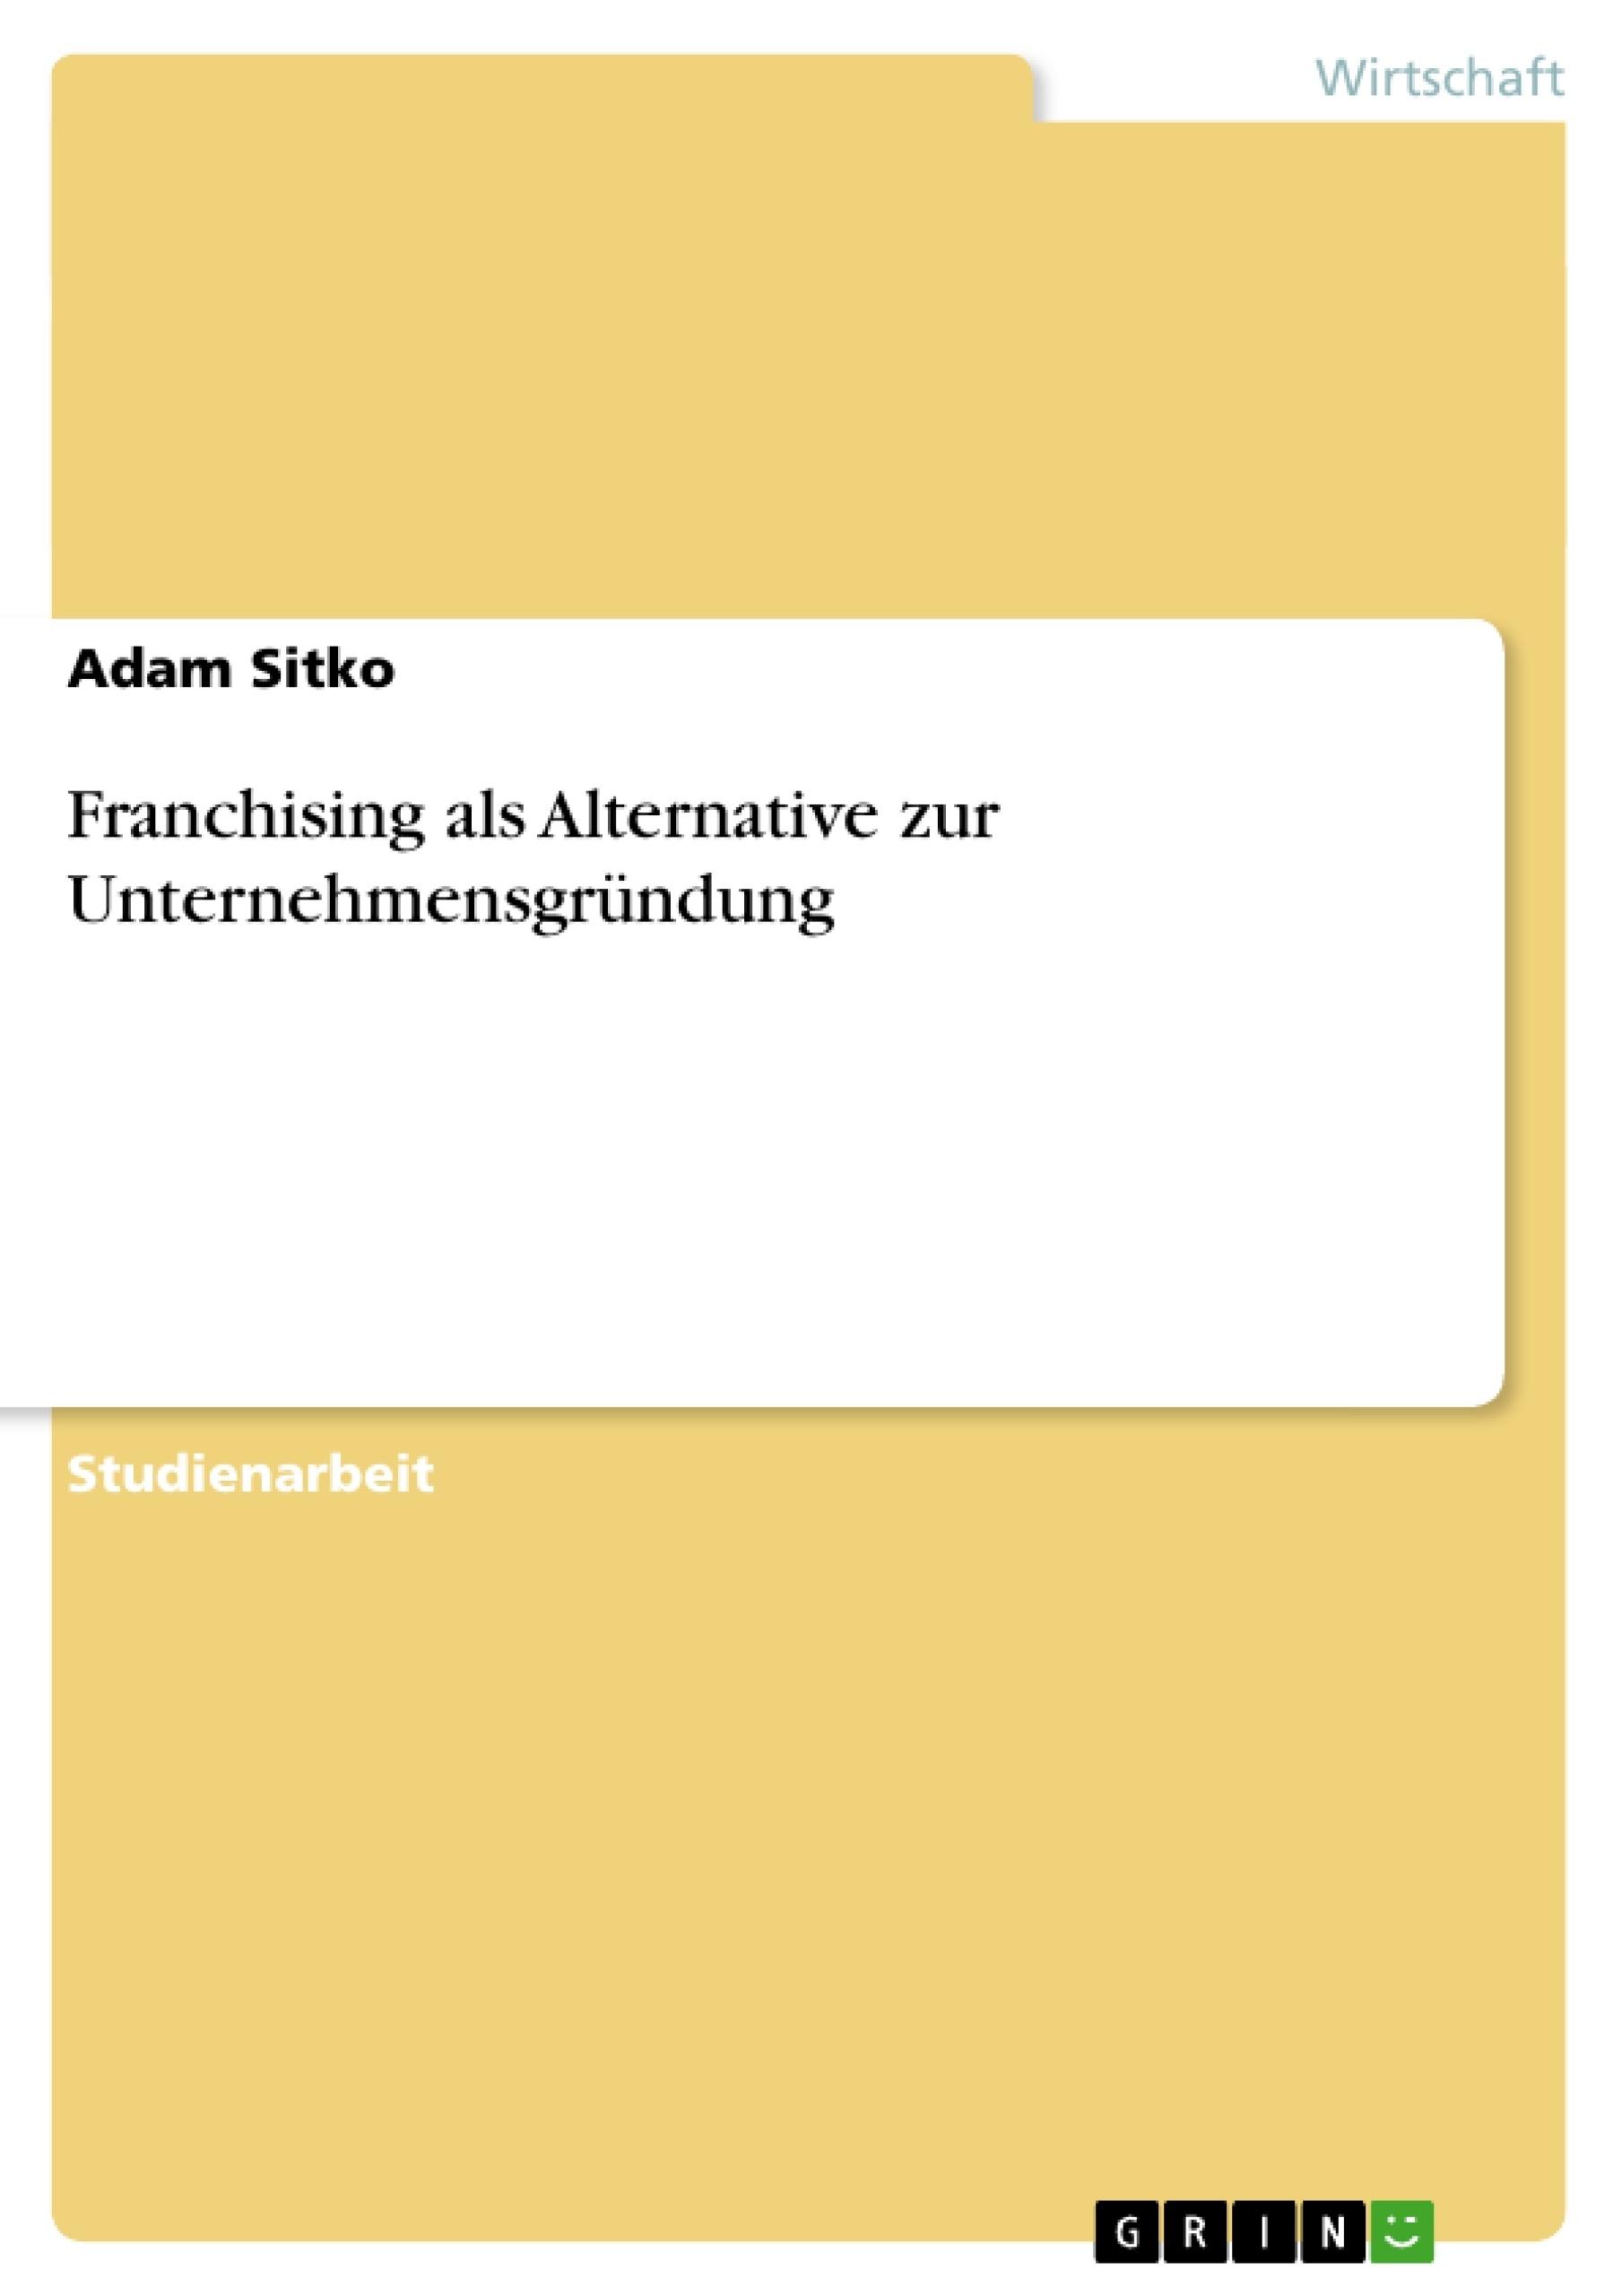 Titel: Franchising als Alternative zur Unternehmensgründung